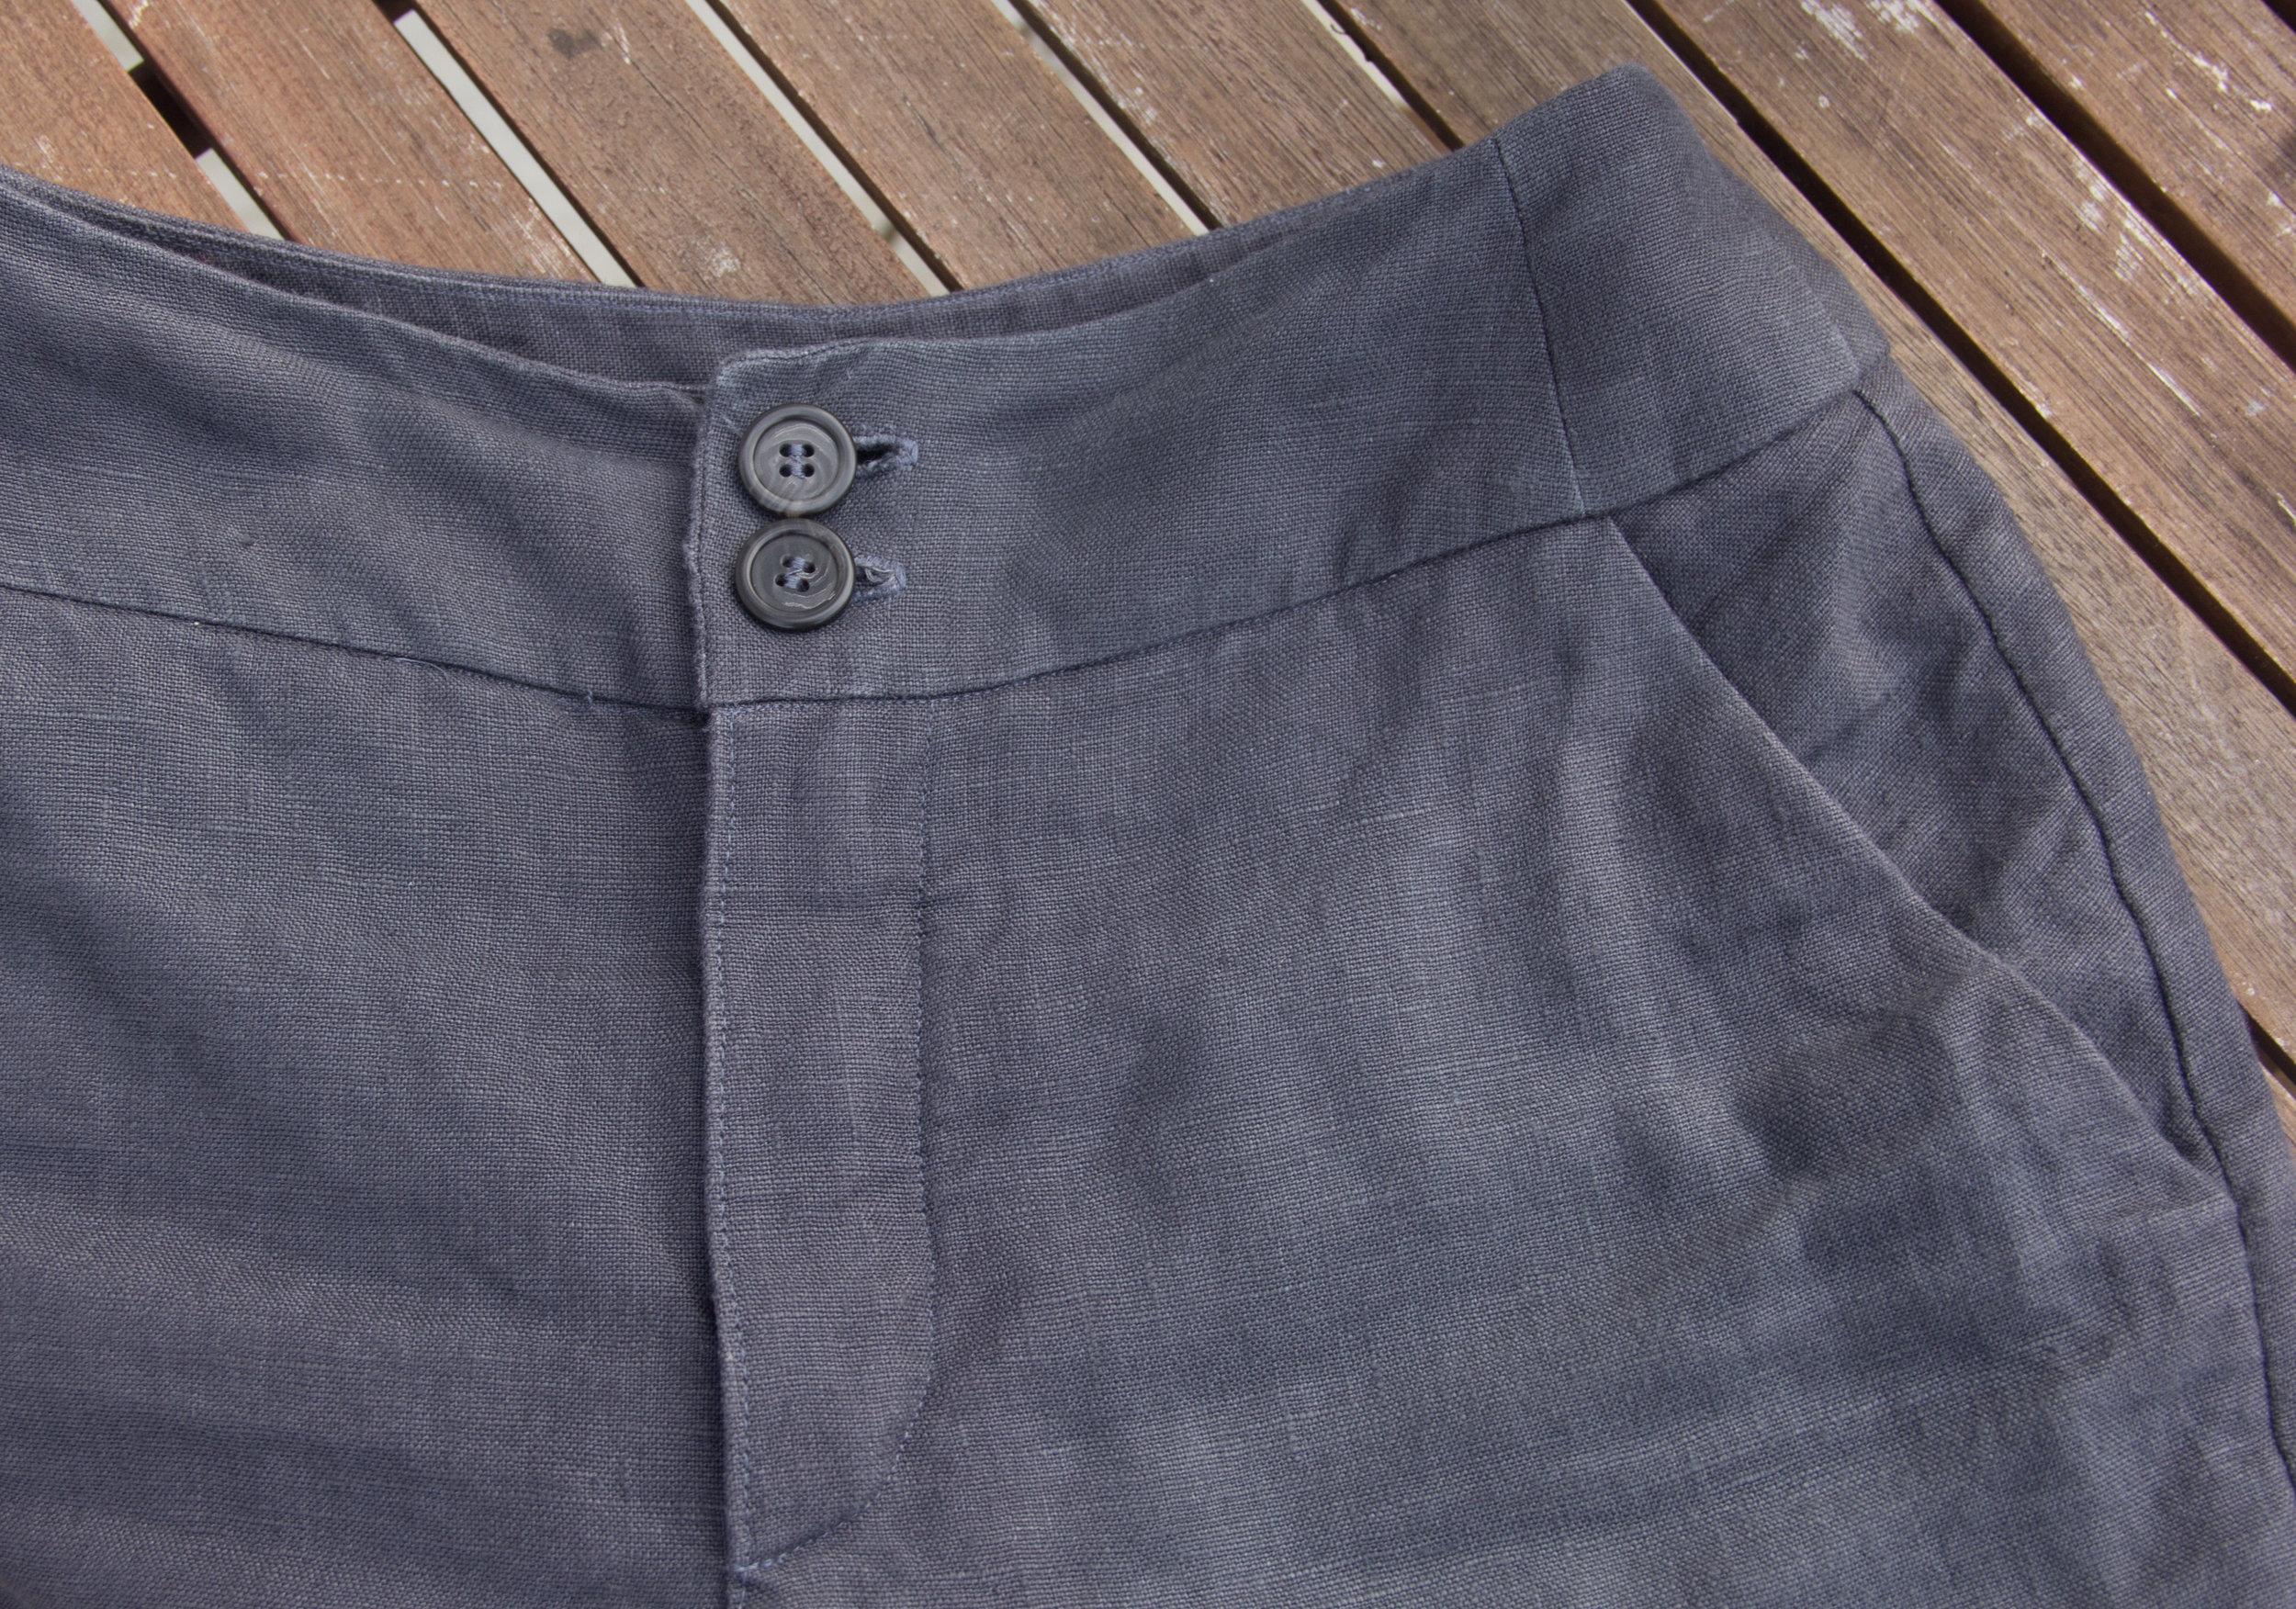 flatlay linen pants pocket detail